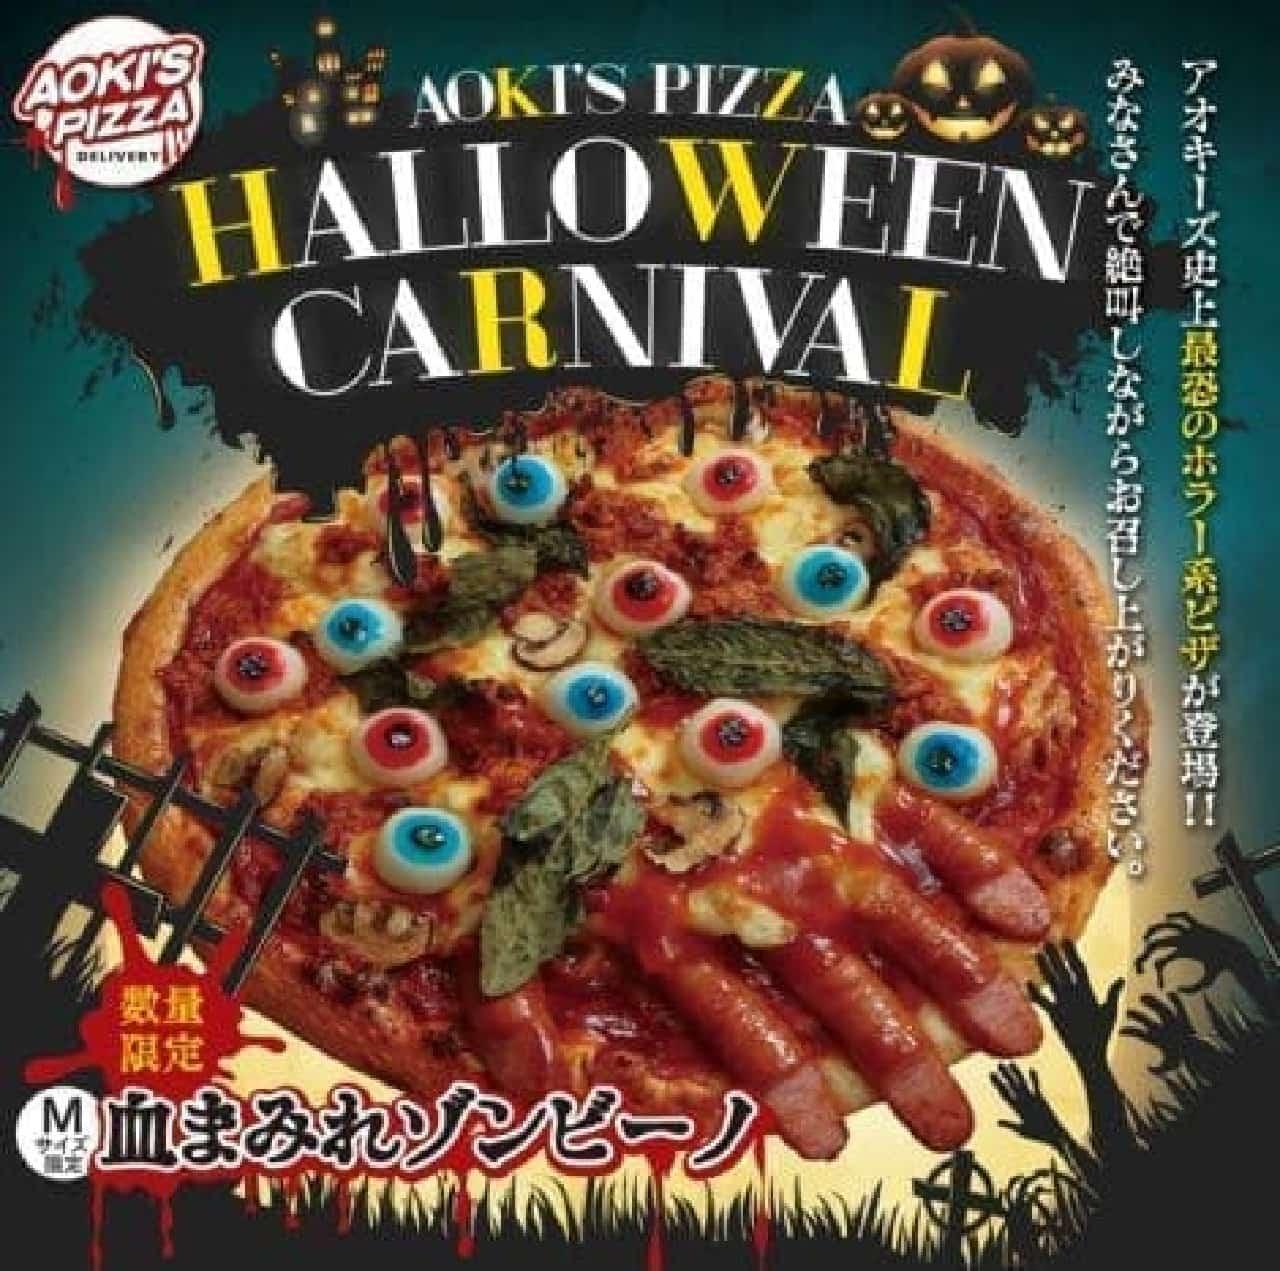 アオキーズ・ピザ「血まみれゾンビーノ」